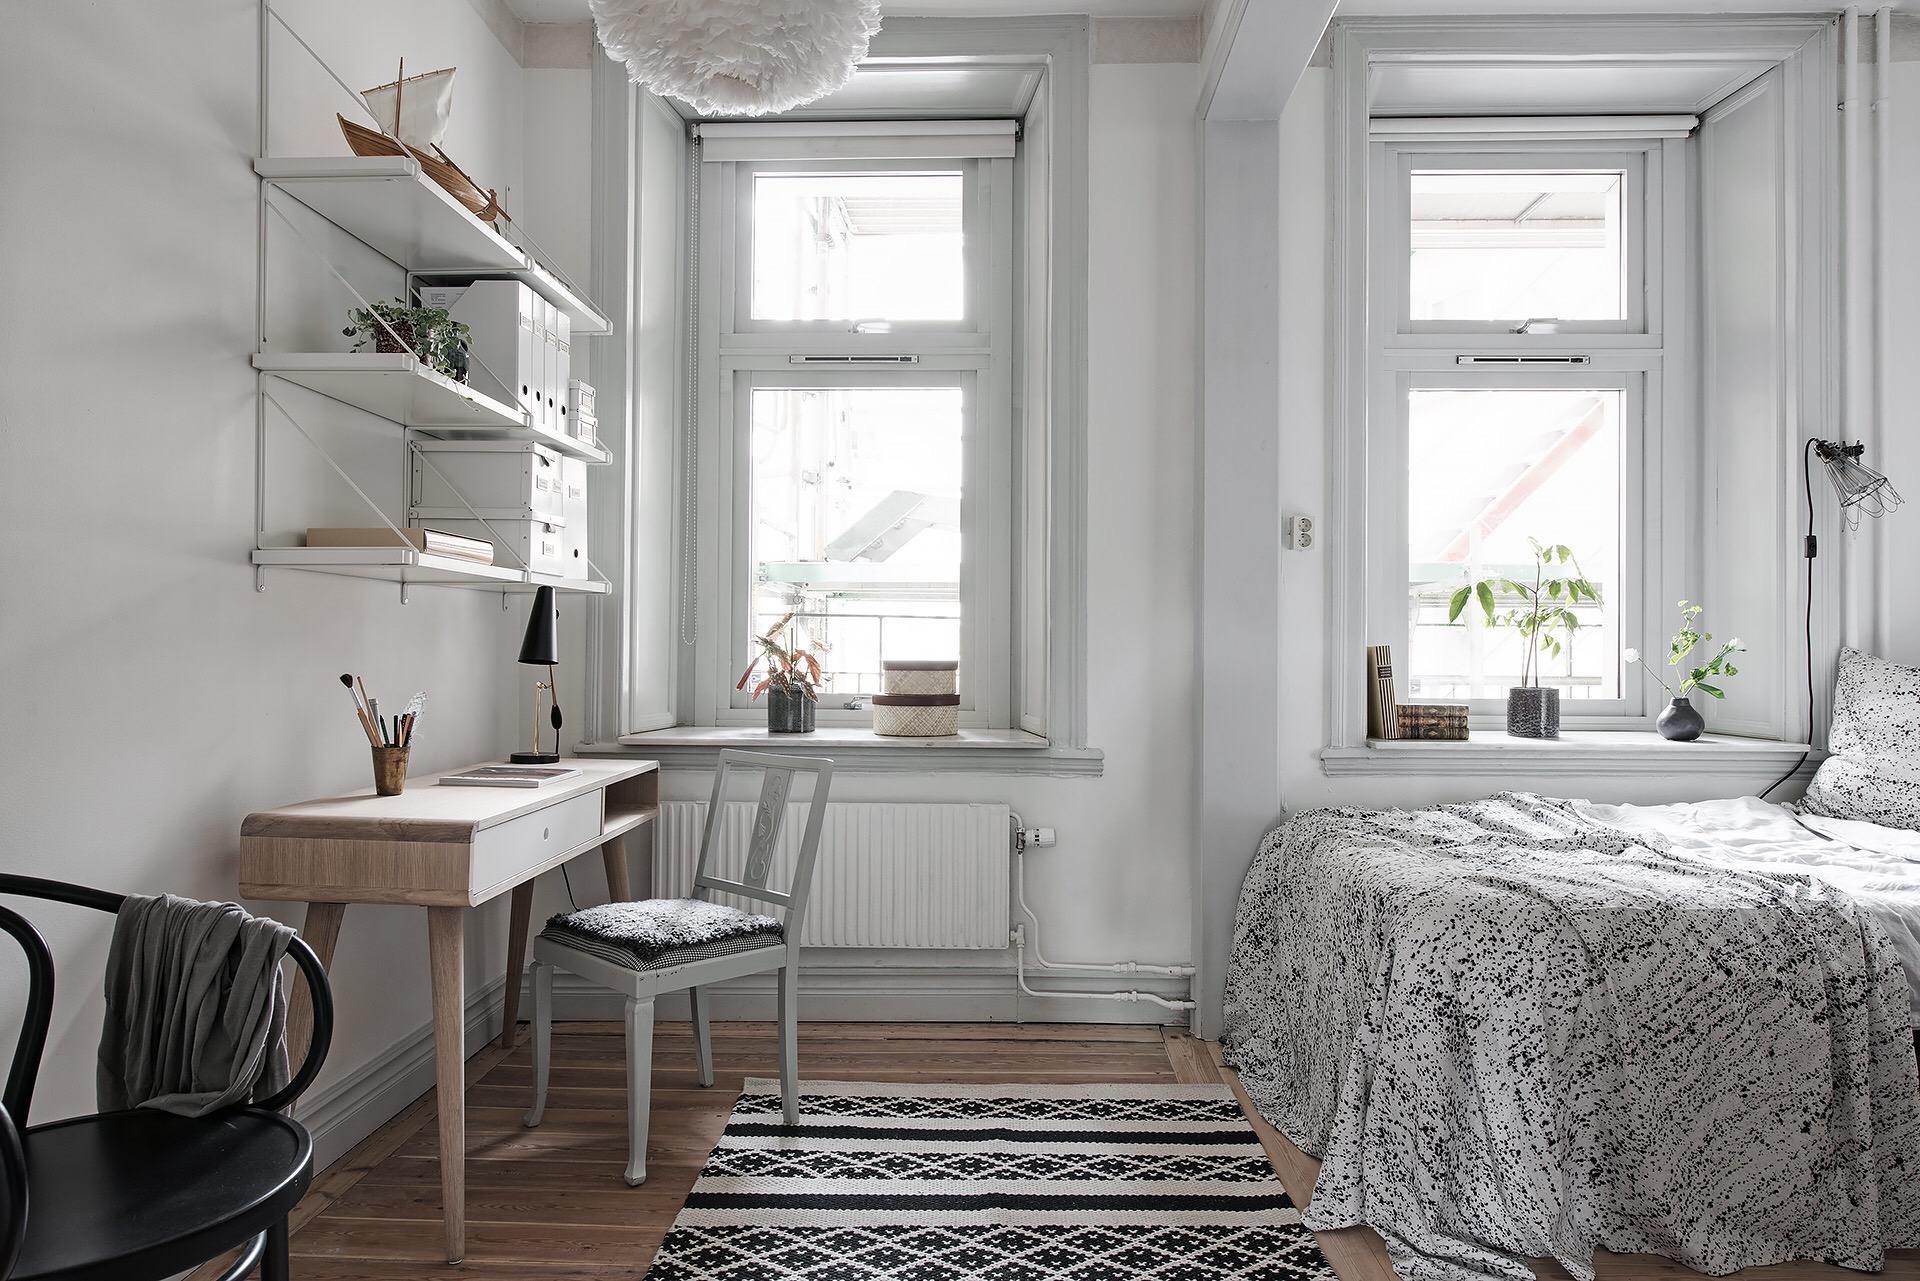 детская комната кровать окно стол полки